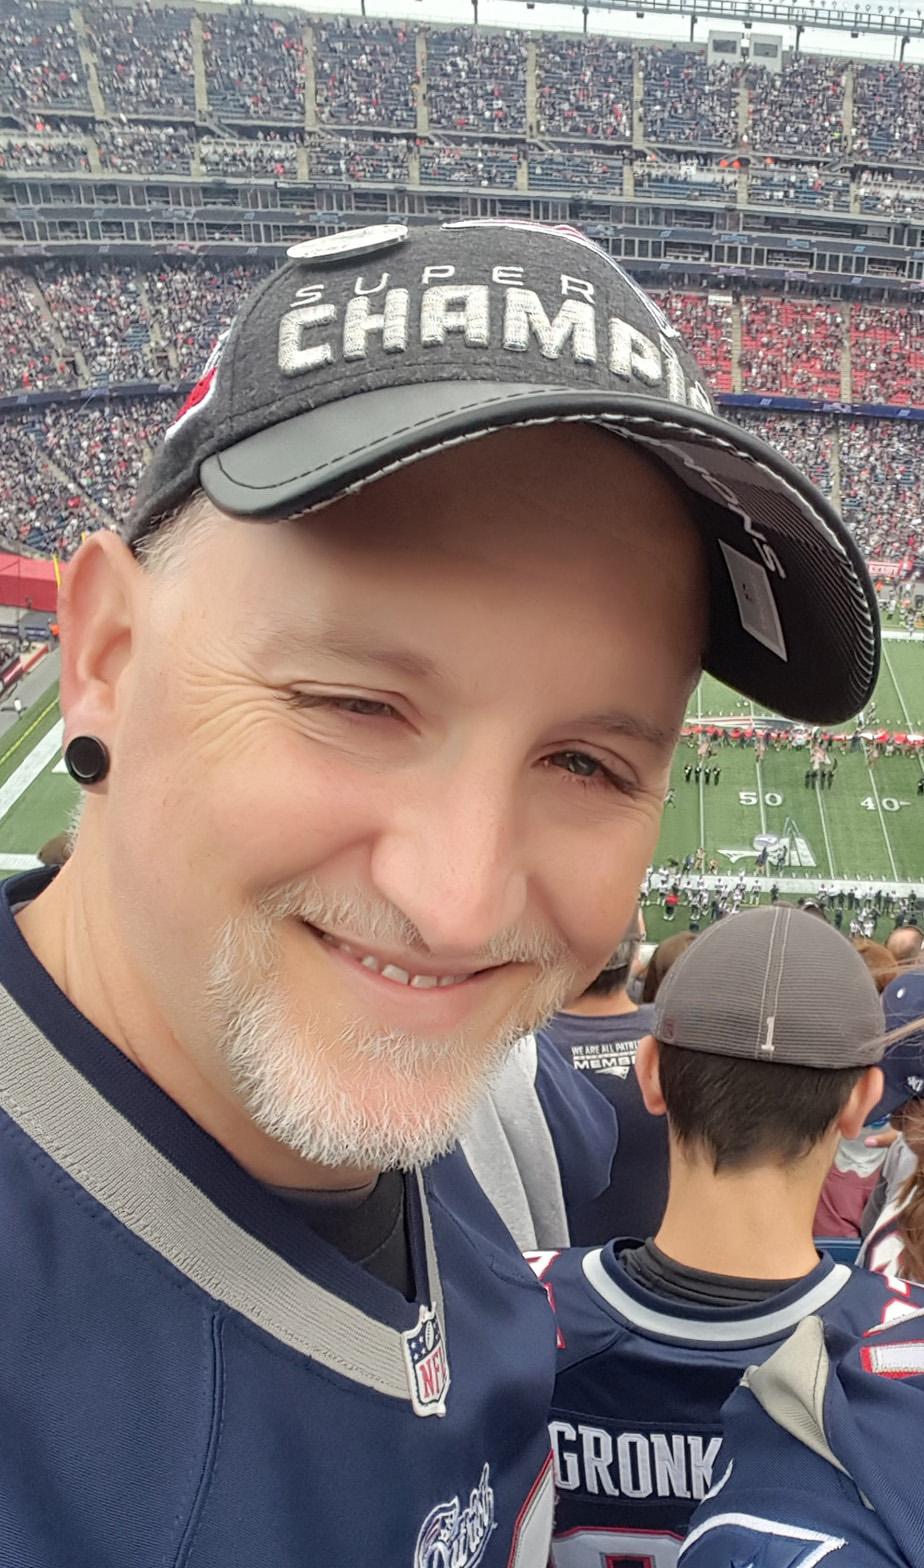 Steve patriots headshot.jpg